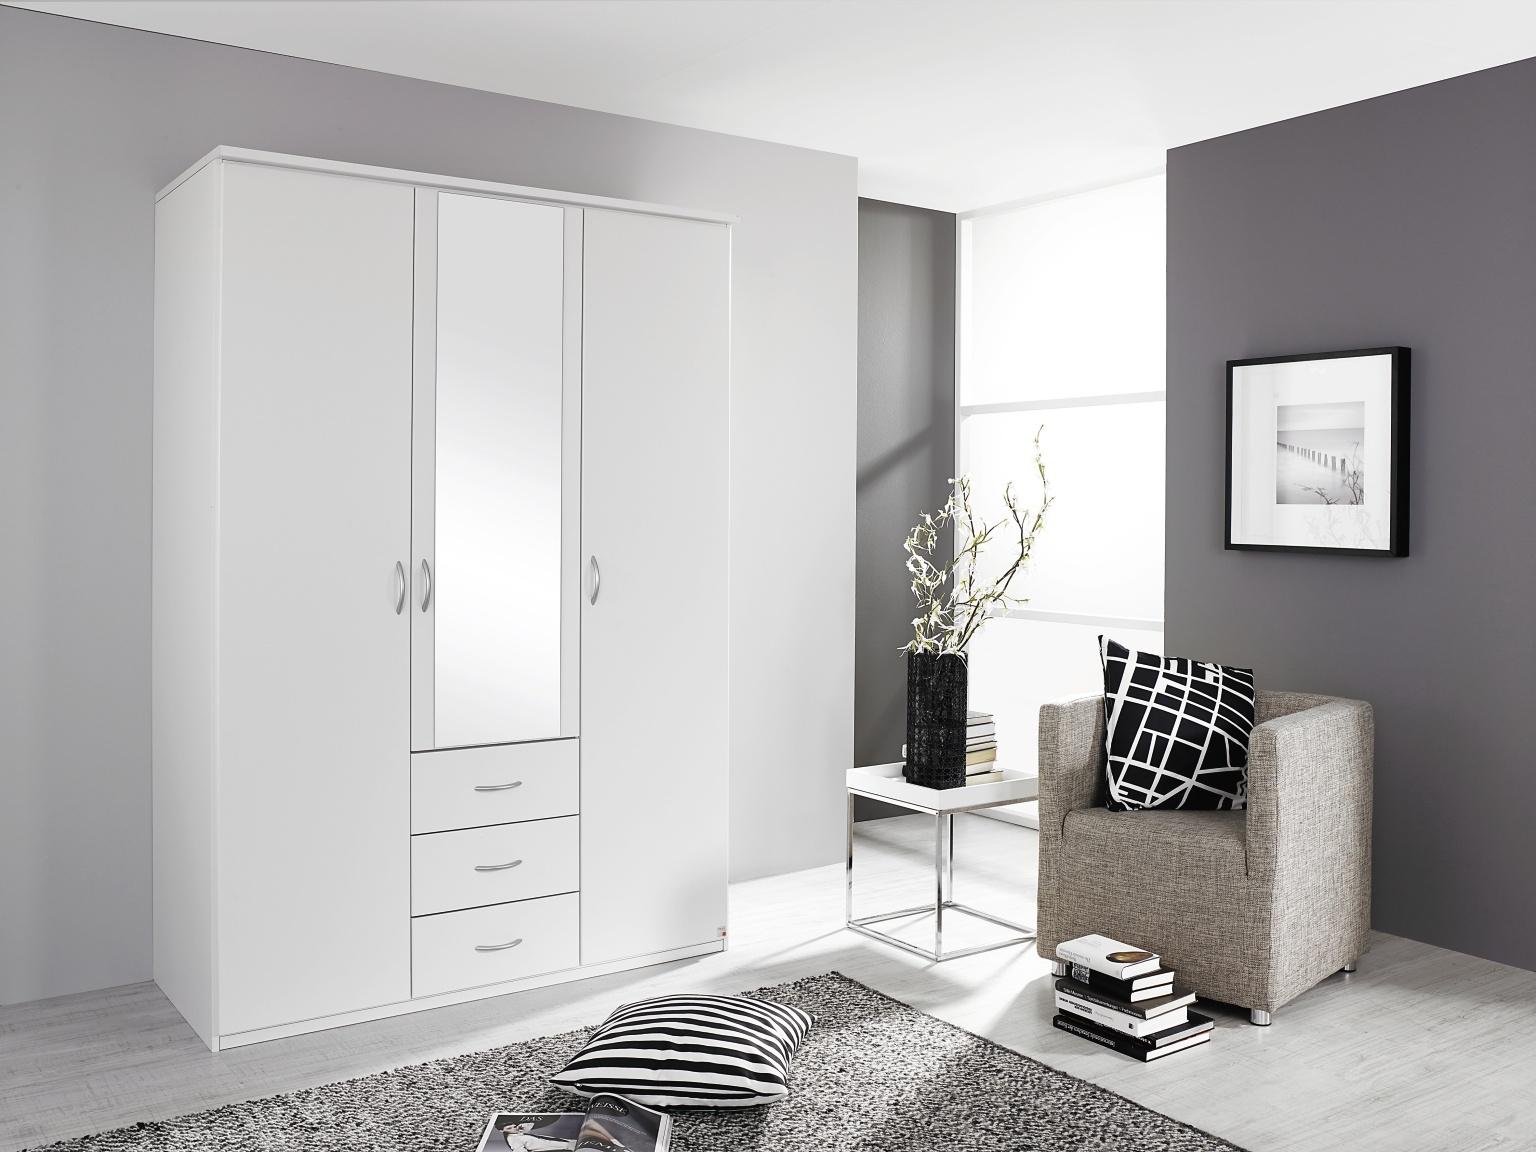 Rauch Blitz Alpine White 3 Door Wardrobe